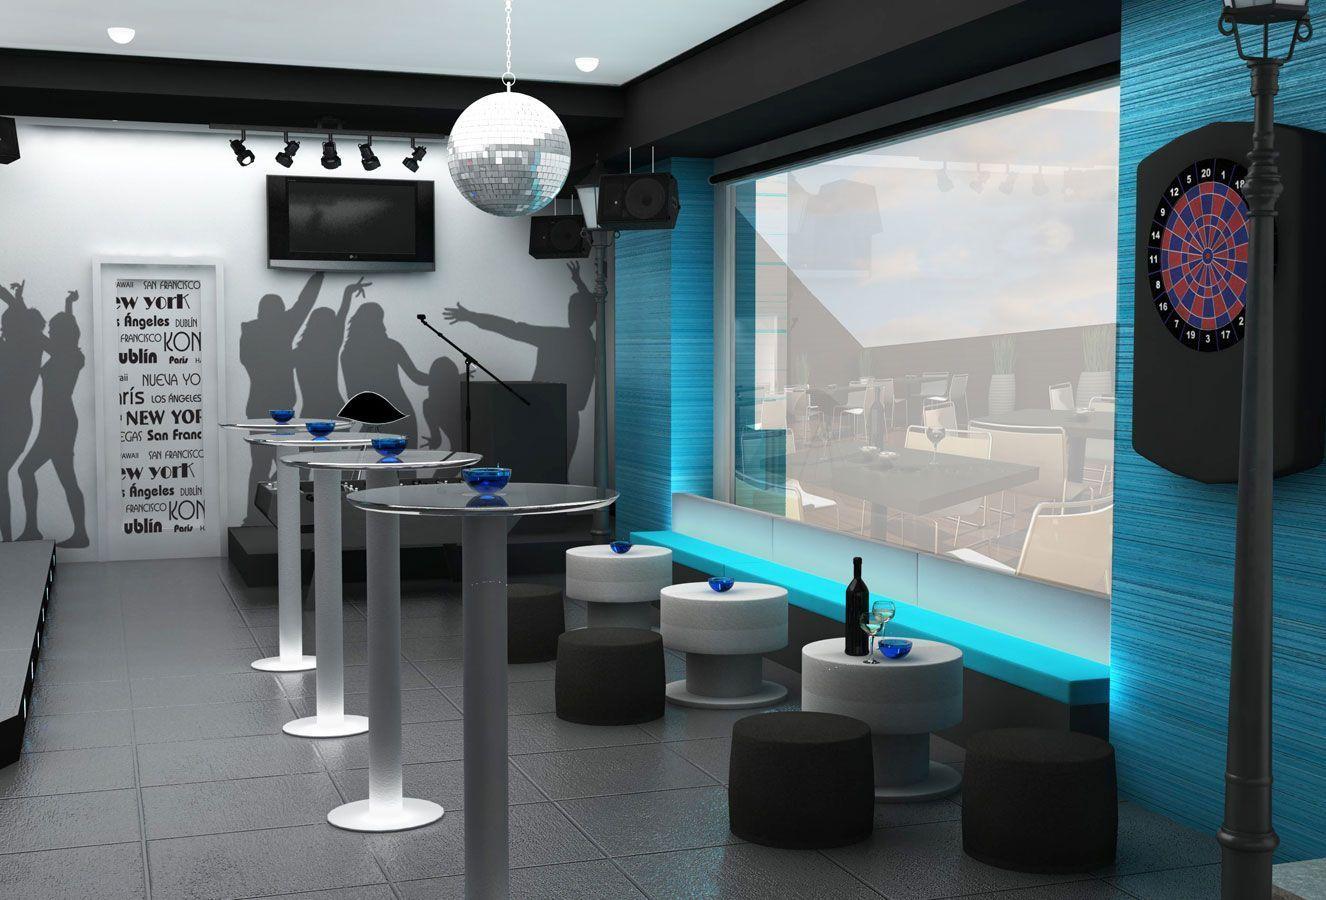 Proyecto de dise o de bar de copas en madrid - Decoracion bares modernos ...